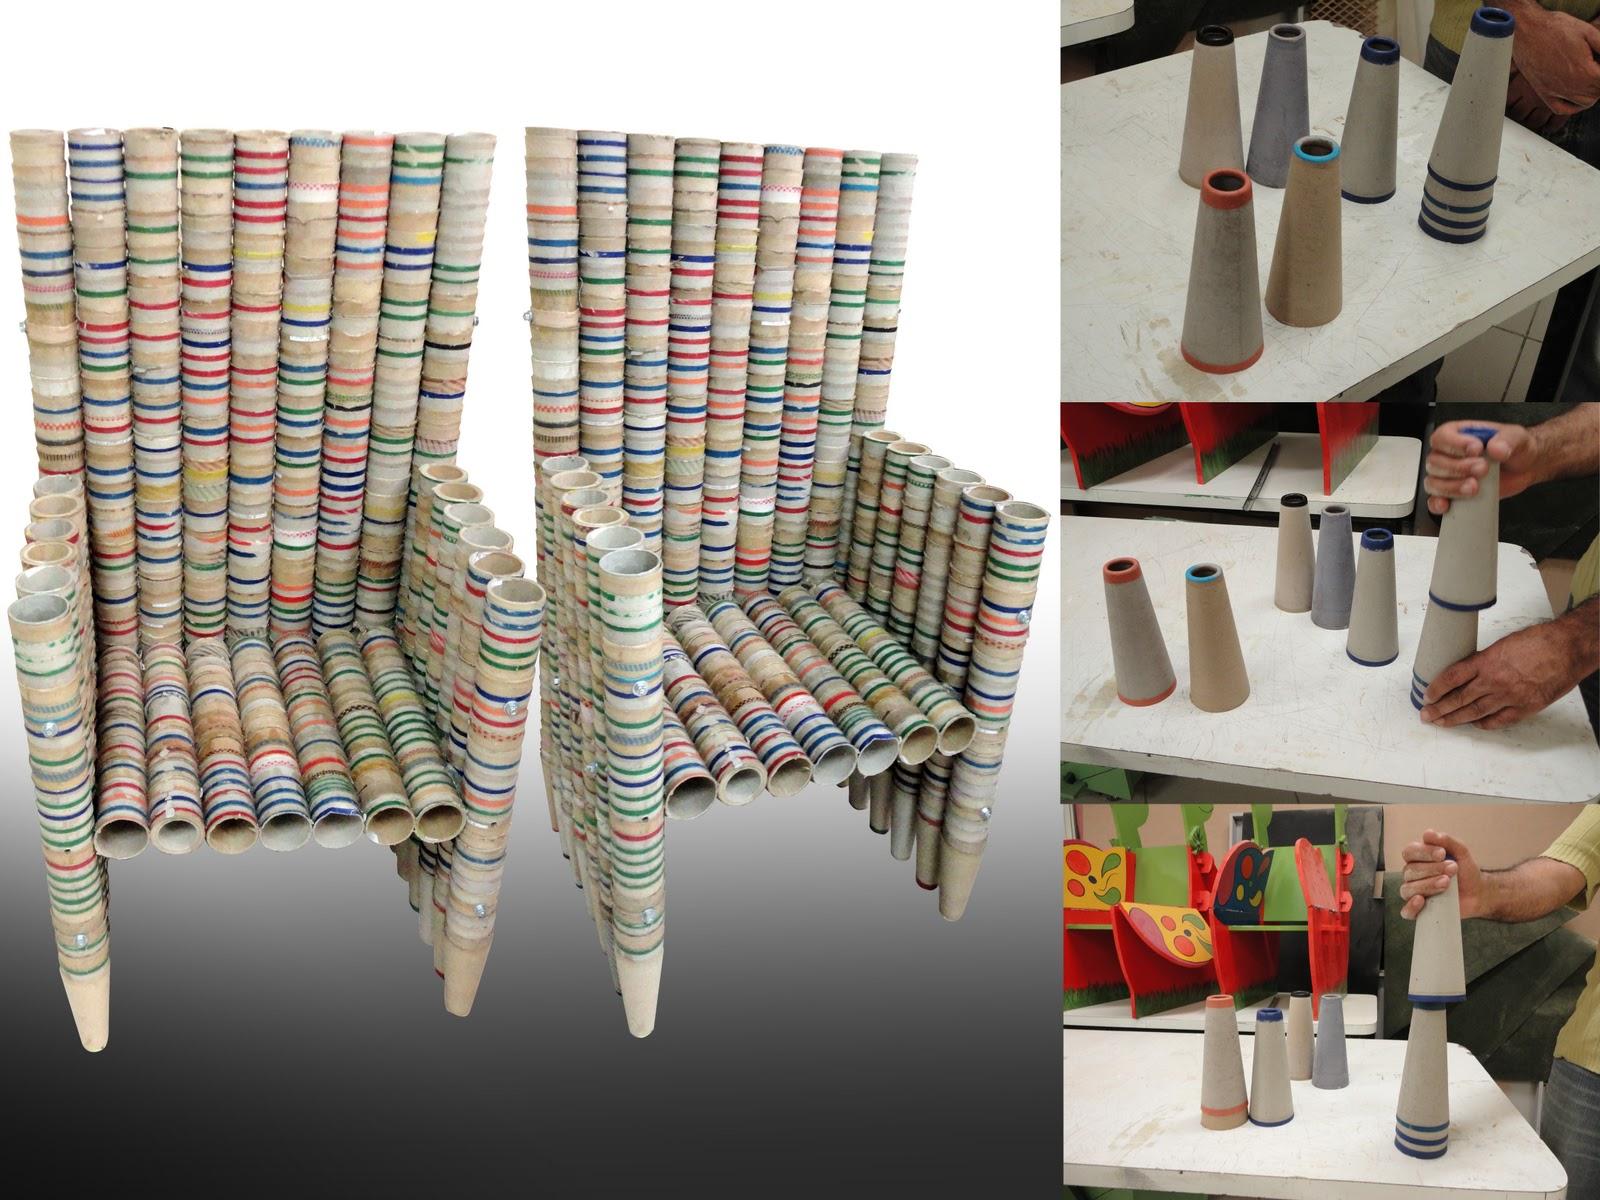 sabe de que são feitas? Aqueles tubinhos de linha interessante não #713C30 1600x1200